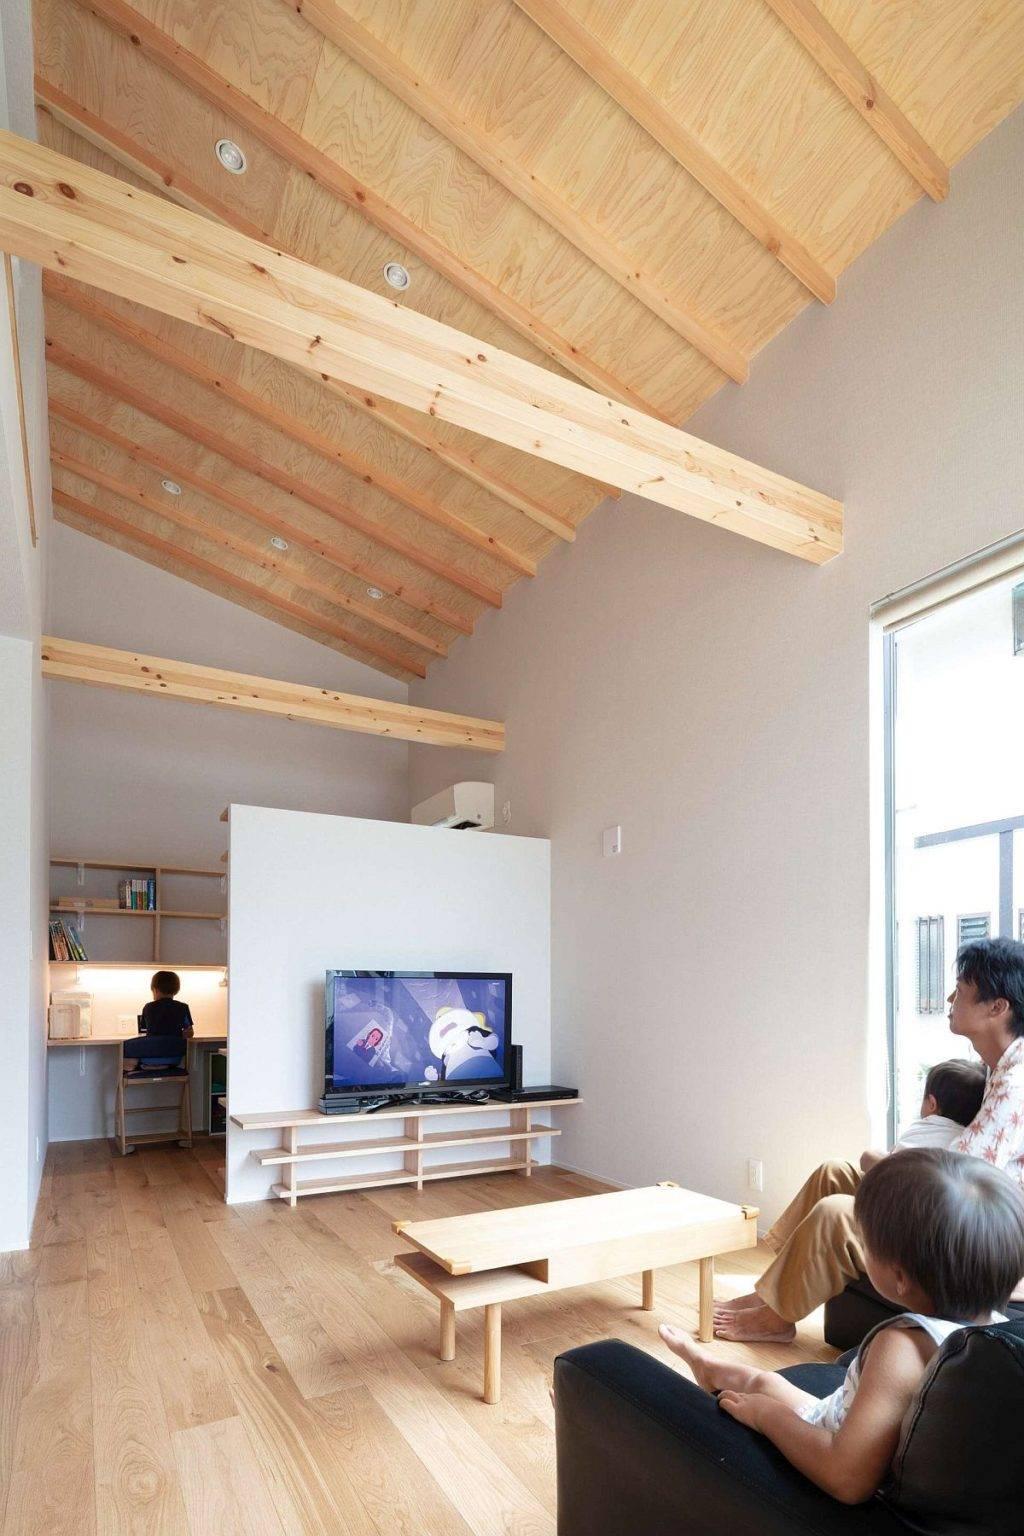 Tường lửng giúp phân tách tương đối giữa phòng khách với không gian làm việc, học tập gọn thoáng ở phía trong.